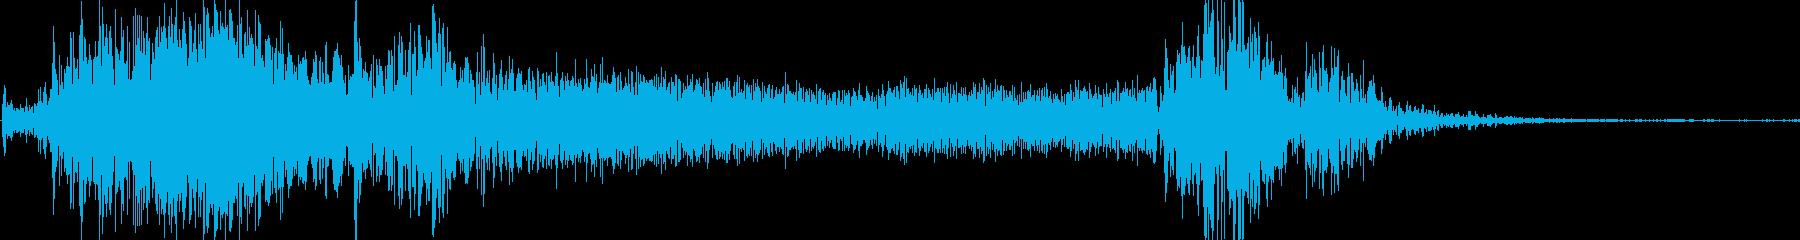 マンティスサイドパネルサーボの再生済みの波形